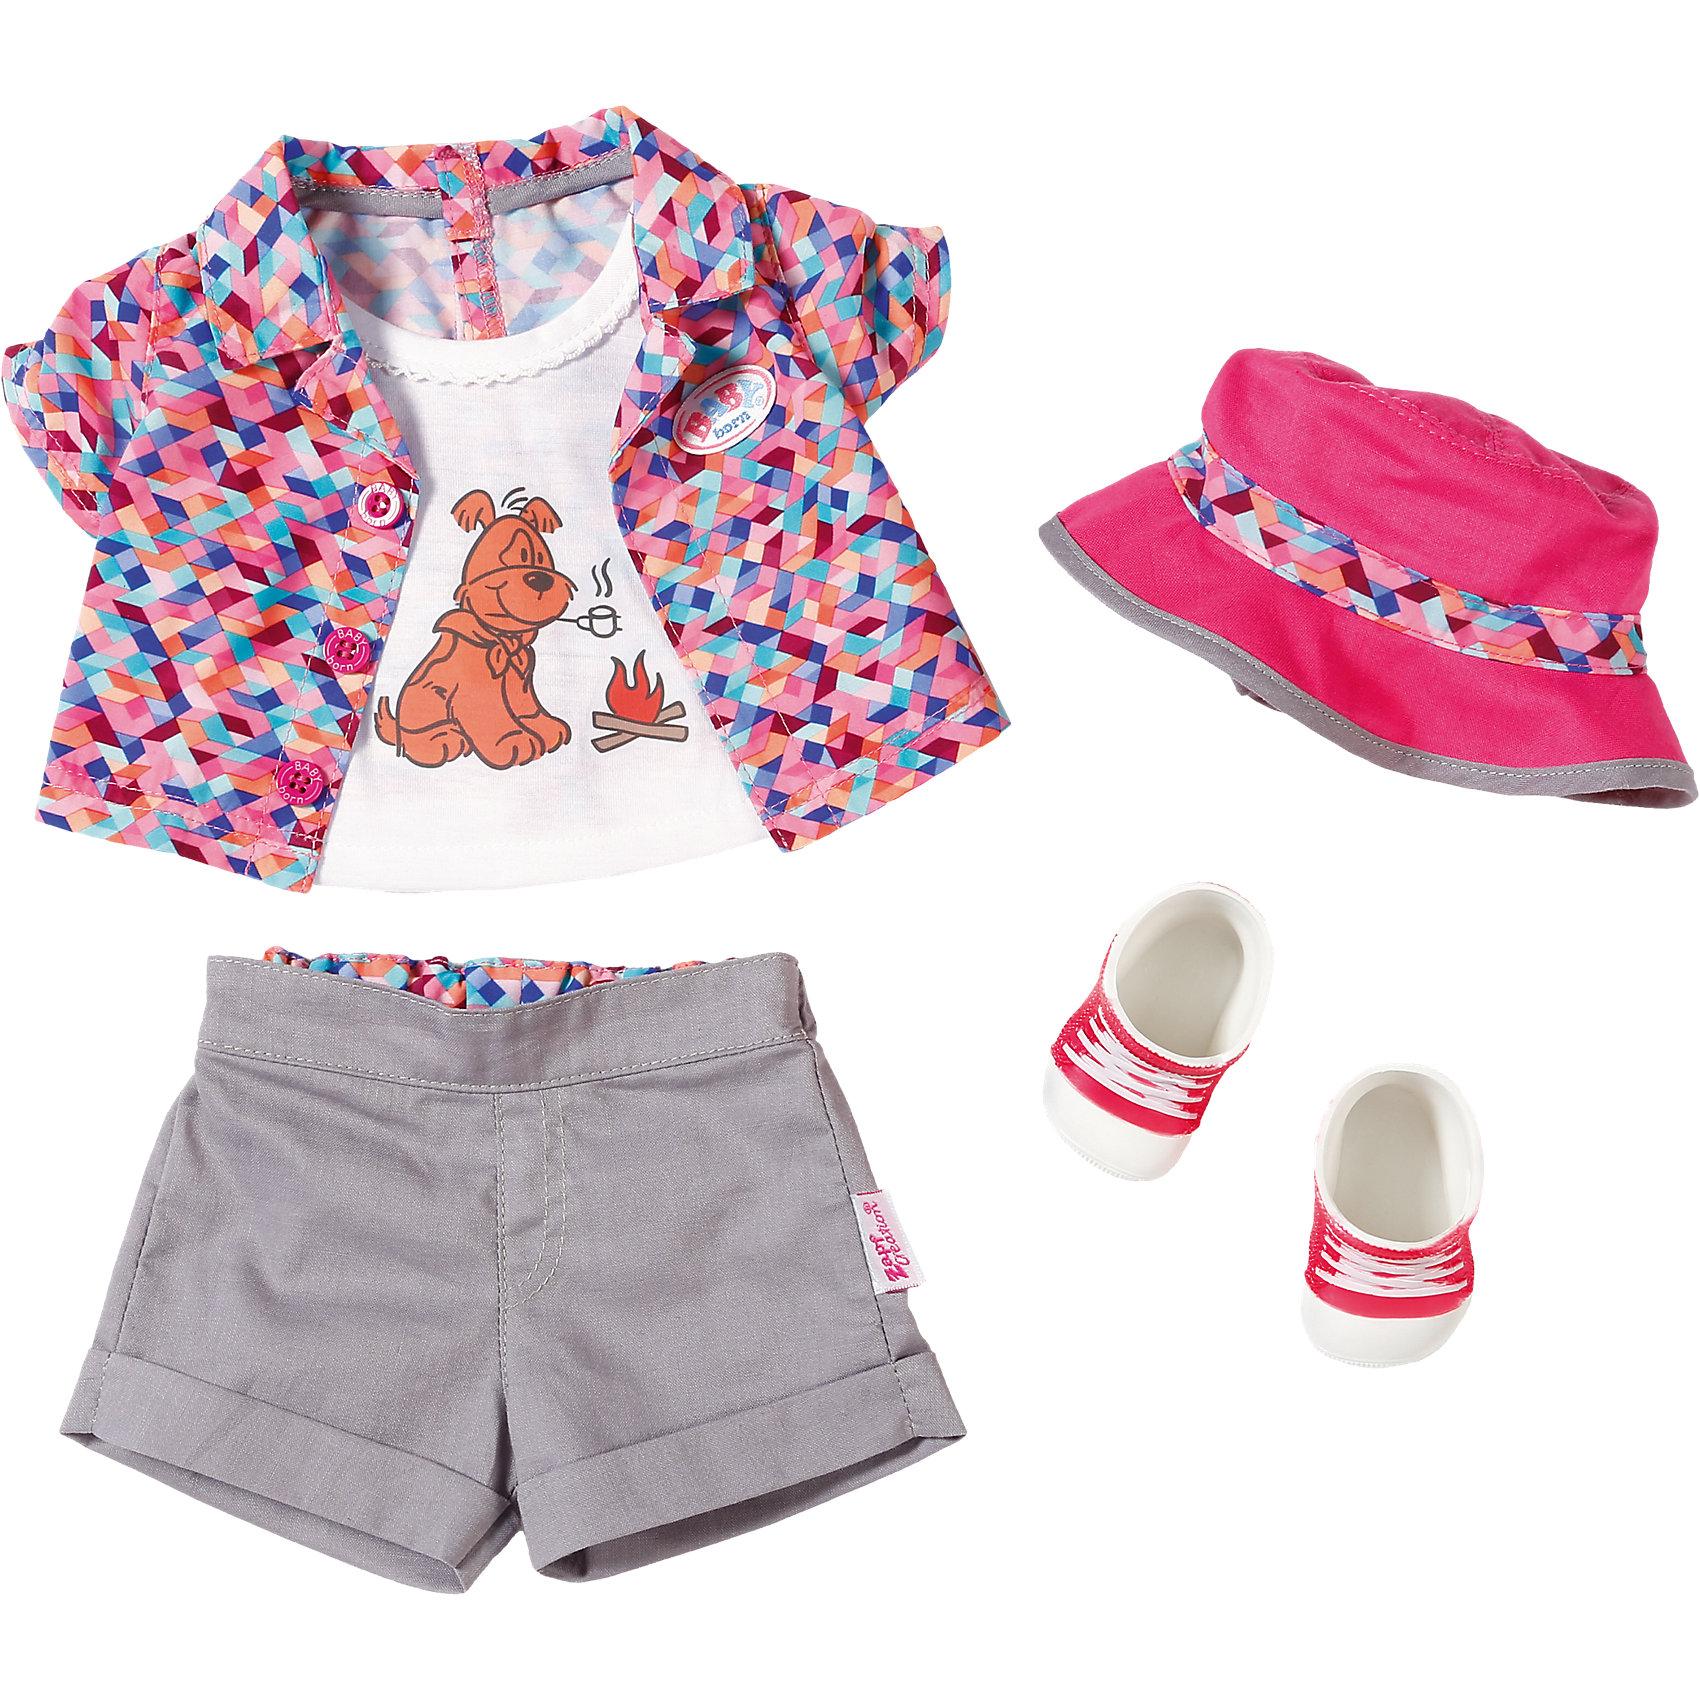 Одежда для отдыха на природе, BABY bornКукольная одежда и аксессуары<br>Одежда для отдыха на природе, BABY born <br><br>Характеристики:<br><br>• В набор входит: кофточка, шорты, панамка, ботиночки<br>• Состав: текстиль, пластик<br>• Размер упаковки: 36 * 8 * 28 см.<br>• Для детей в возрасте: от 3 лет<br>• Страна производитель: Китай<br><br>С новой одеждой для дома ребёнок сможет переодевать куклу для прогулки на природе и продолжать свои игры, делая их ещё веселее. Одежда выглядит как настоящая, кофточка застёгивается на липучку, а шортики сделаны на резиночке и легко одеваются. <br><br>Стиль комплекта отлично сочетается между собой, сдержанные серые штанишки подходят к яркой кофточке с футболкой, дополняя образ новыми ботиночками и панамкой от солнца. Это фирменная одежда для кукол, поэтому она подойдёт к любой кукле бренда BABY born (Бейби Бон). <br><br>Одежду для отдыха на природе, BABY born можно купить в нашем интернет-магазине.<br><br>Ширина мм: 280<br>Глубина мм: 80<br>Высота мм: 360<br>Вес г: 350<br>Возраст от месяцев: 36<br>Возраст до месяцев: 60<br>Пол: Женский<br>Возраст: Детский<br>SKU: 5030827